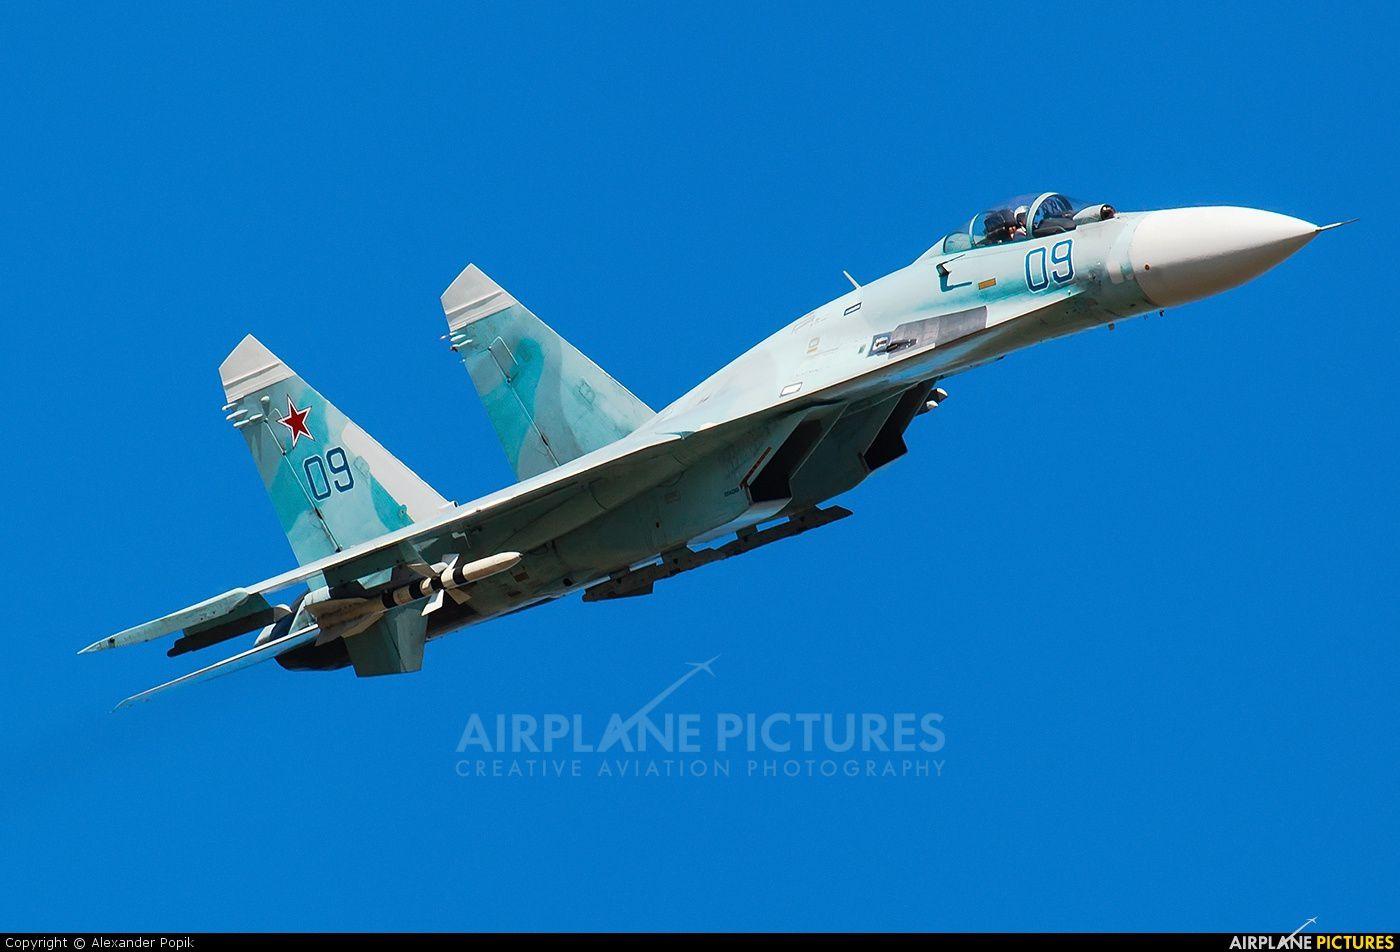 La Russie va déployer des Su-27 en Crimée